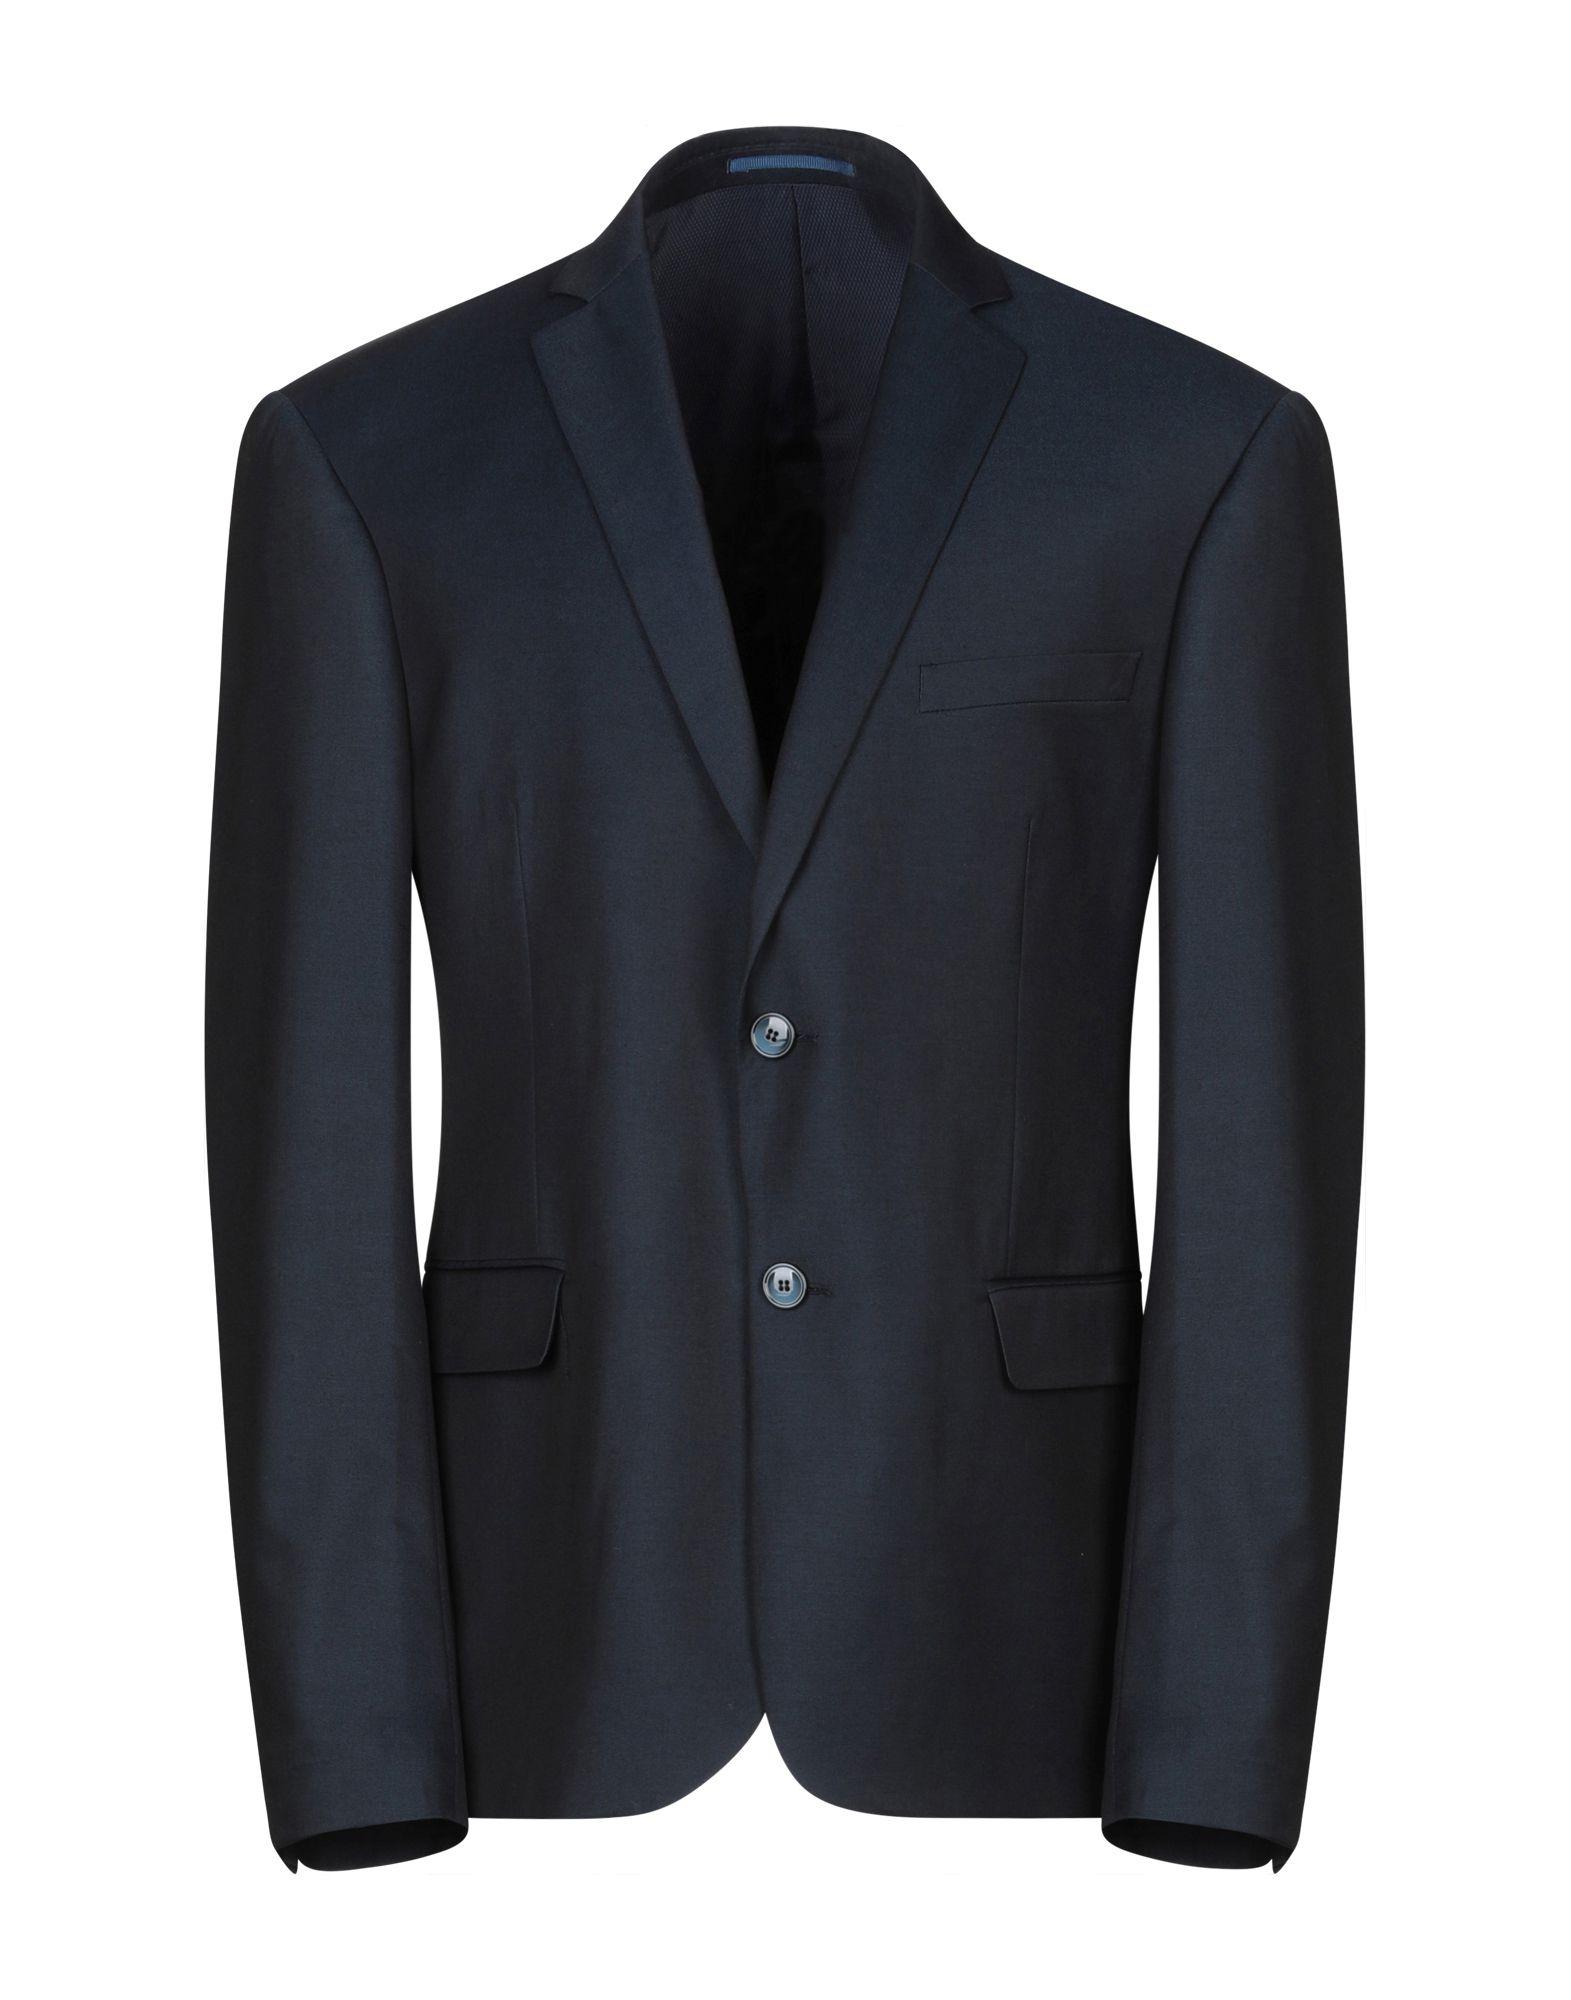 《期間限定セール中》DAVID NAMAN メンズ テーラードジャケット ダークブルー 54 ポリエステル 81% / レーヨン 17% / ポリウレタン 2%